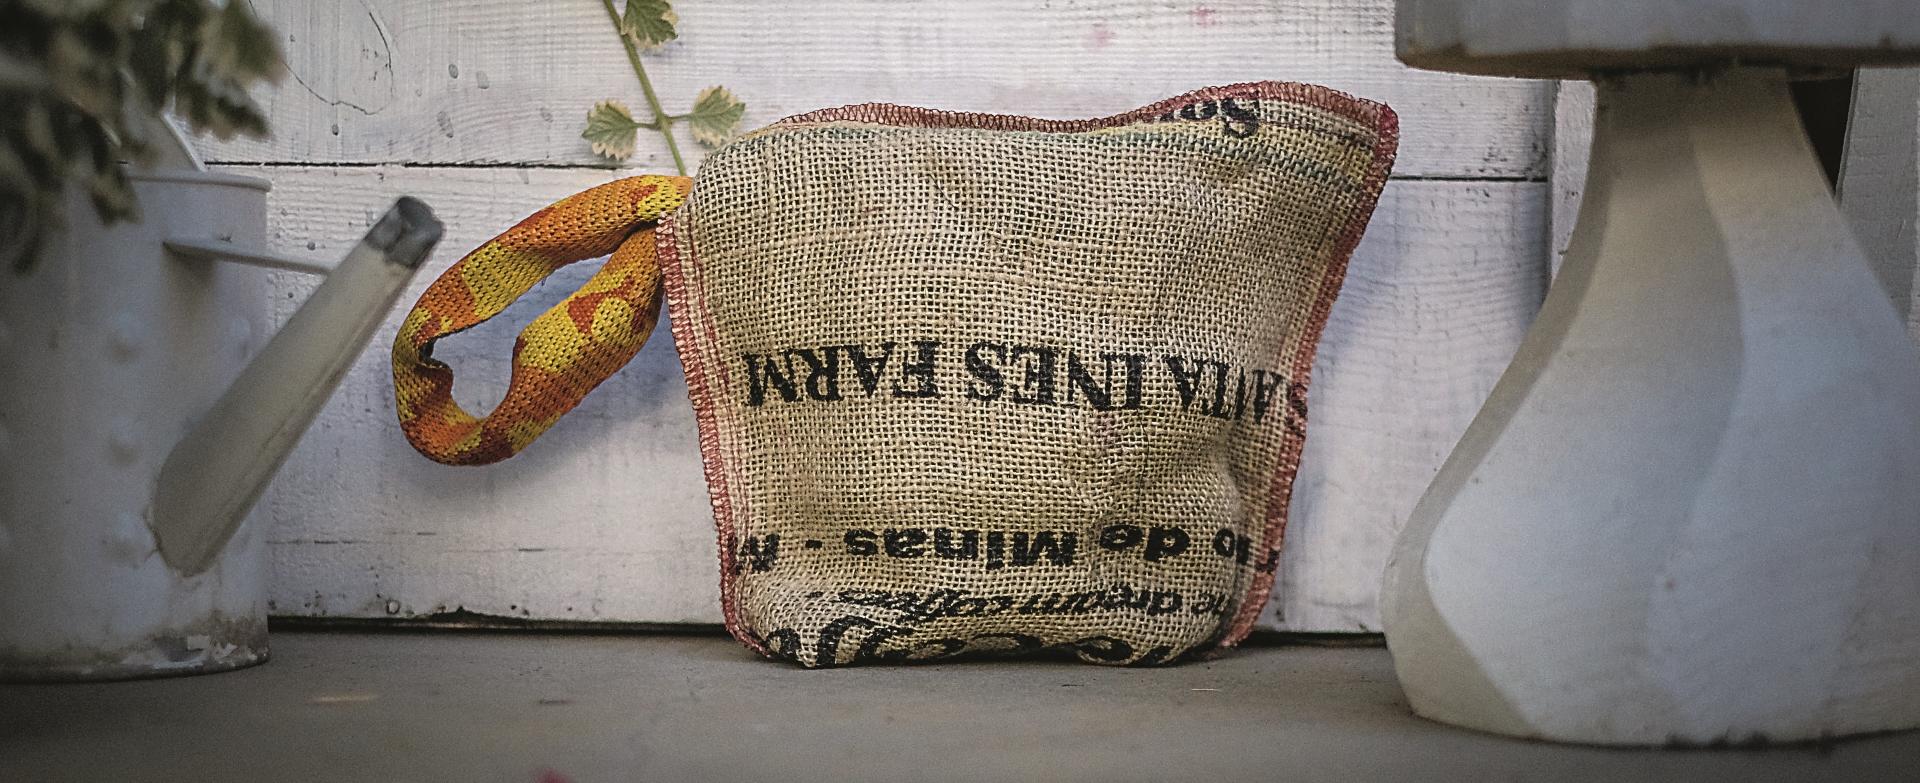 Unikatne domaće torbe novog branda Vrecha&Co